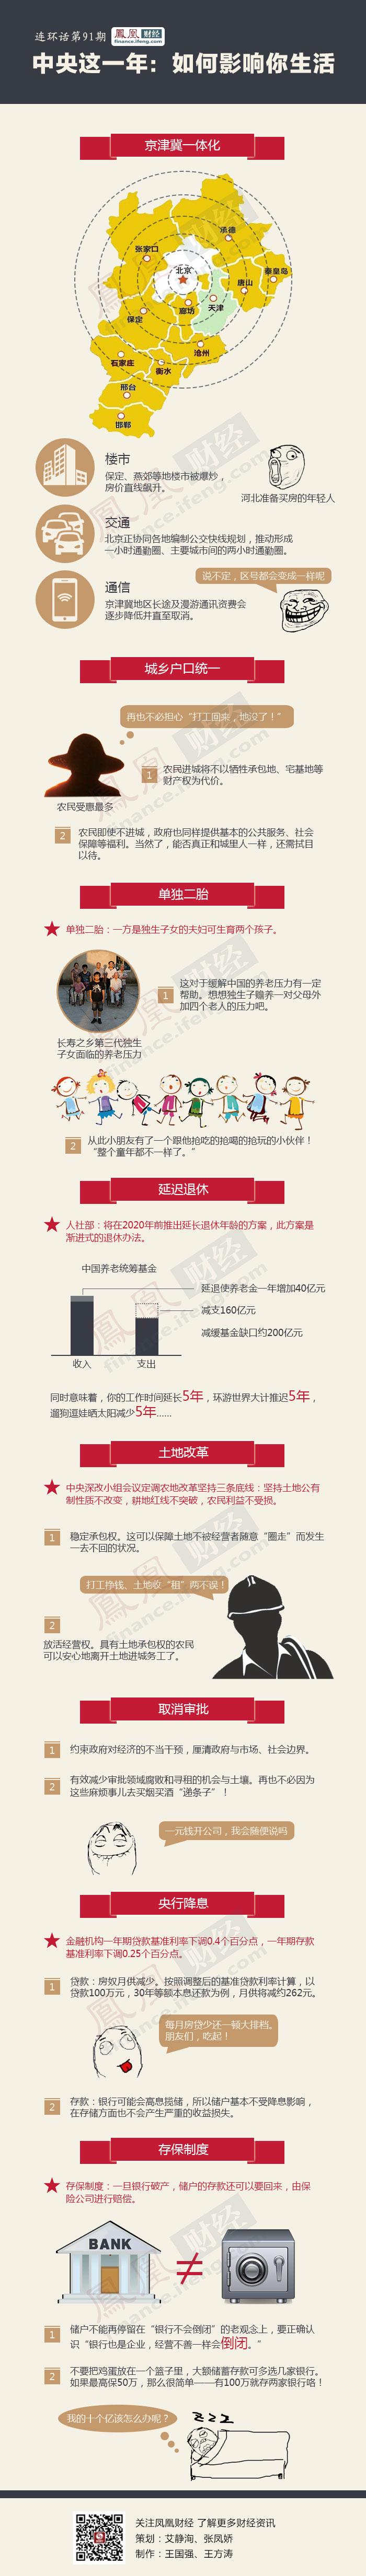 2014年时事政治新闻_中央经济工作会议2014_财经频道_凤凰网